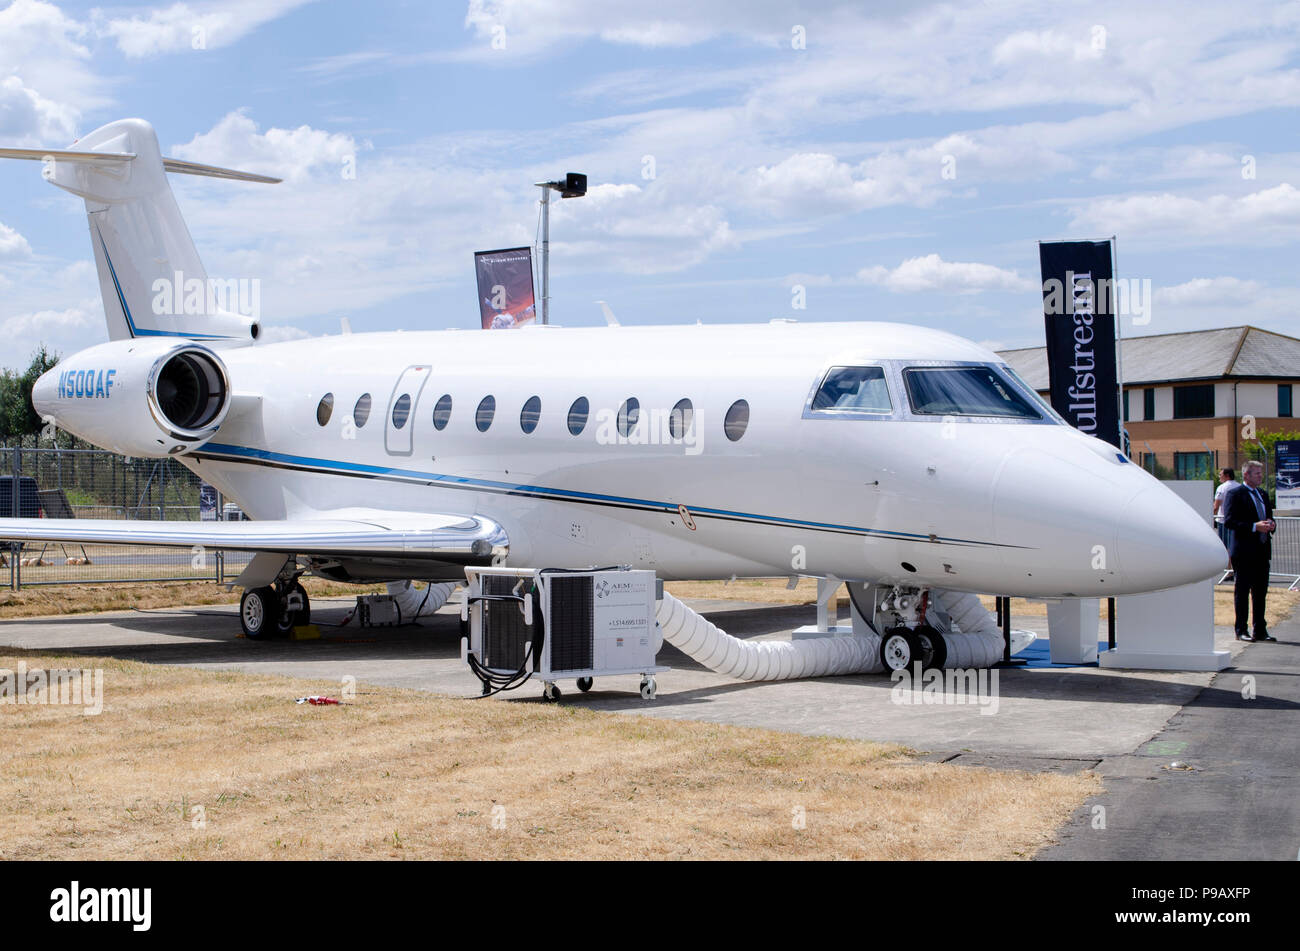 Jet Privato Lussuoso : Embraer private jet immagini embraer private jet fotos stock alamy